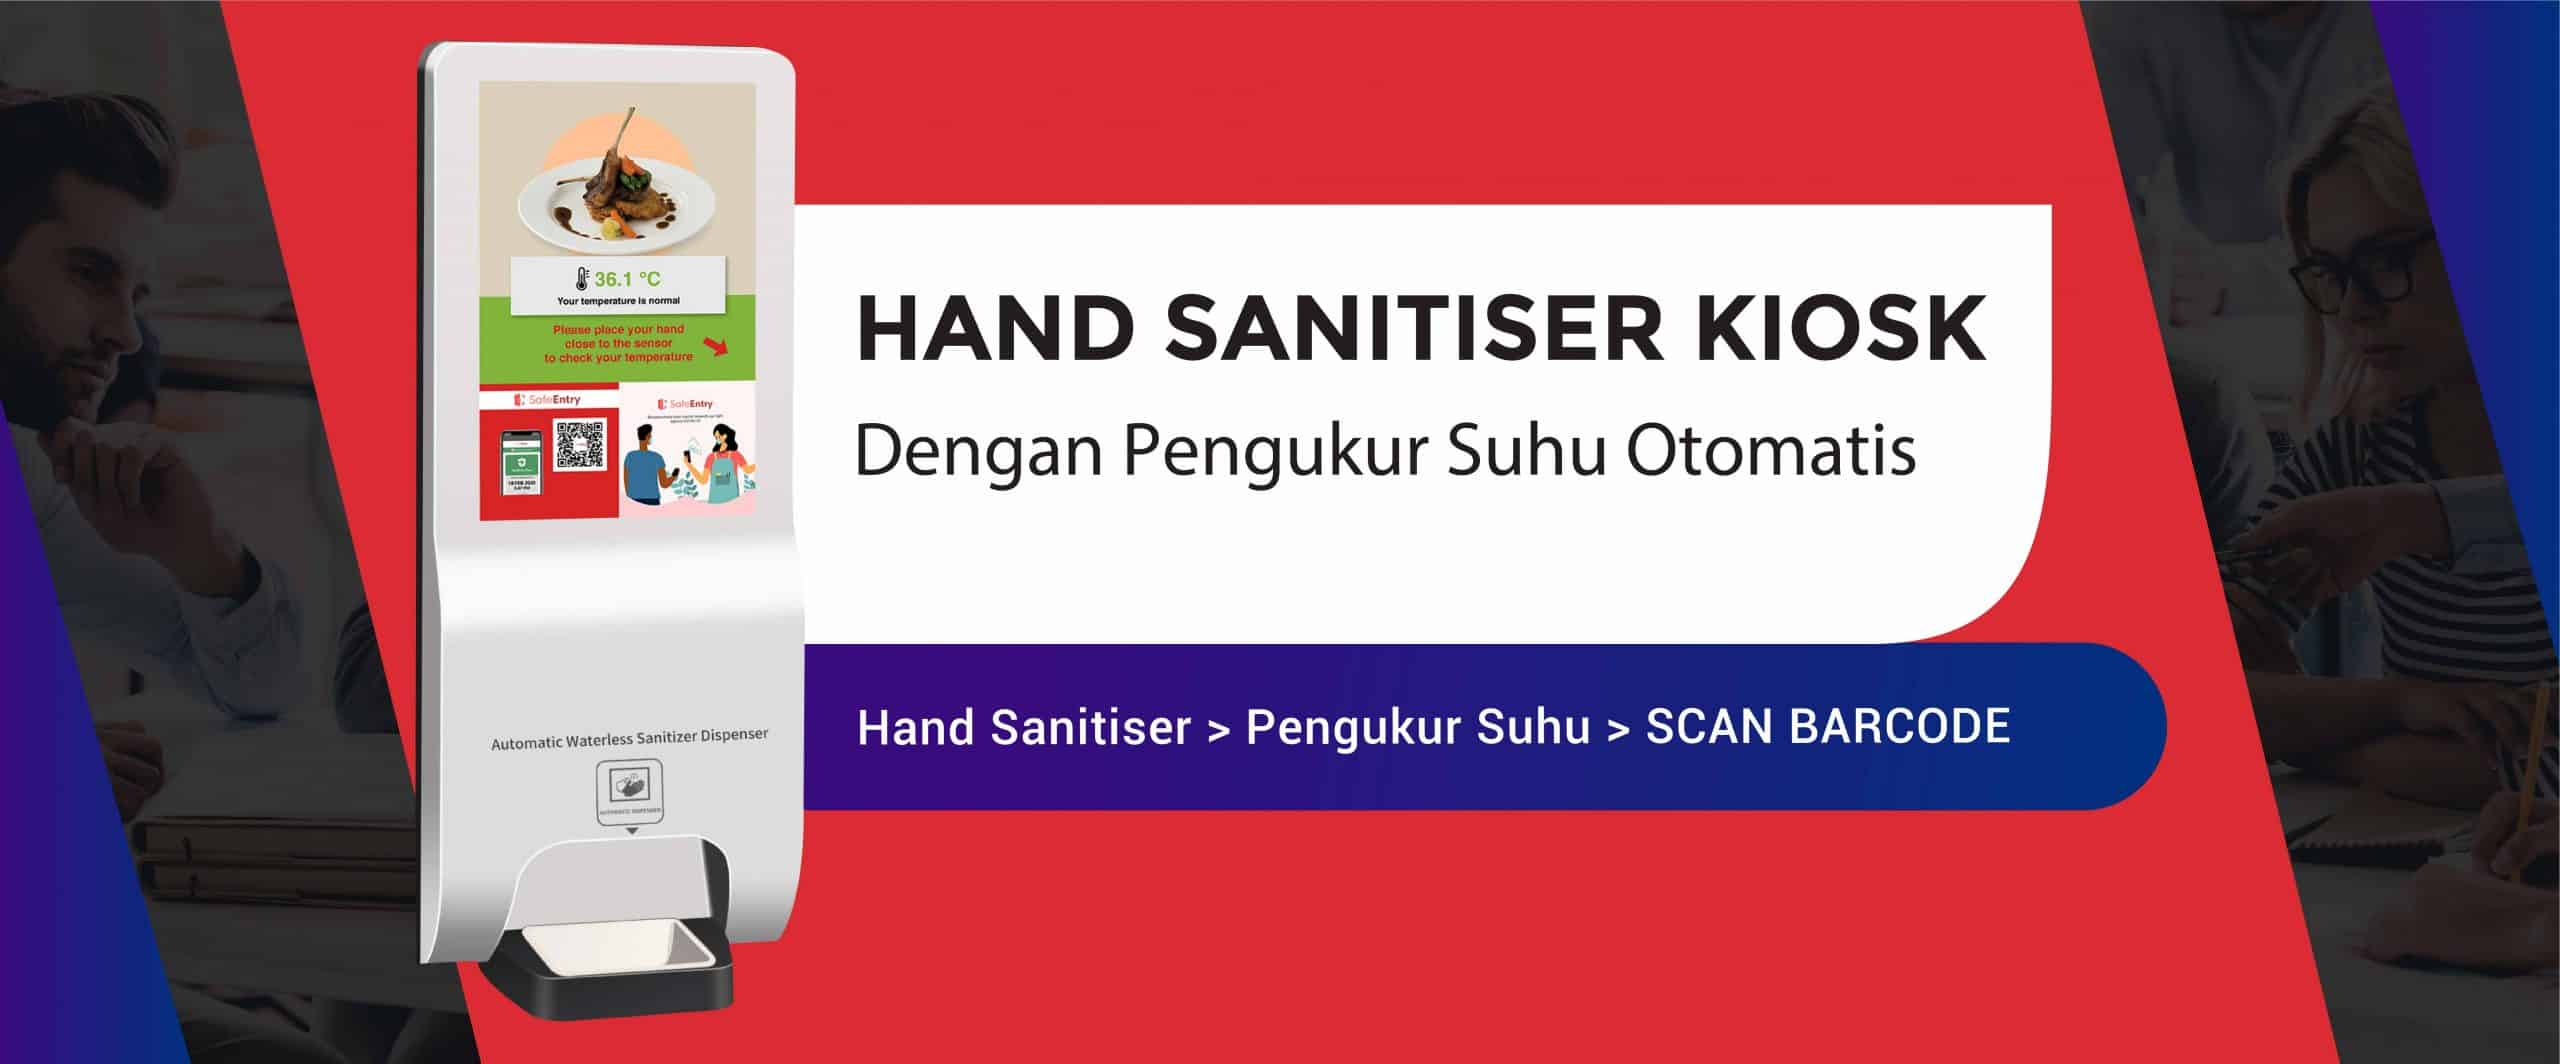 banner-kiosk-hansanitser-indo-scaled